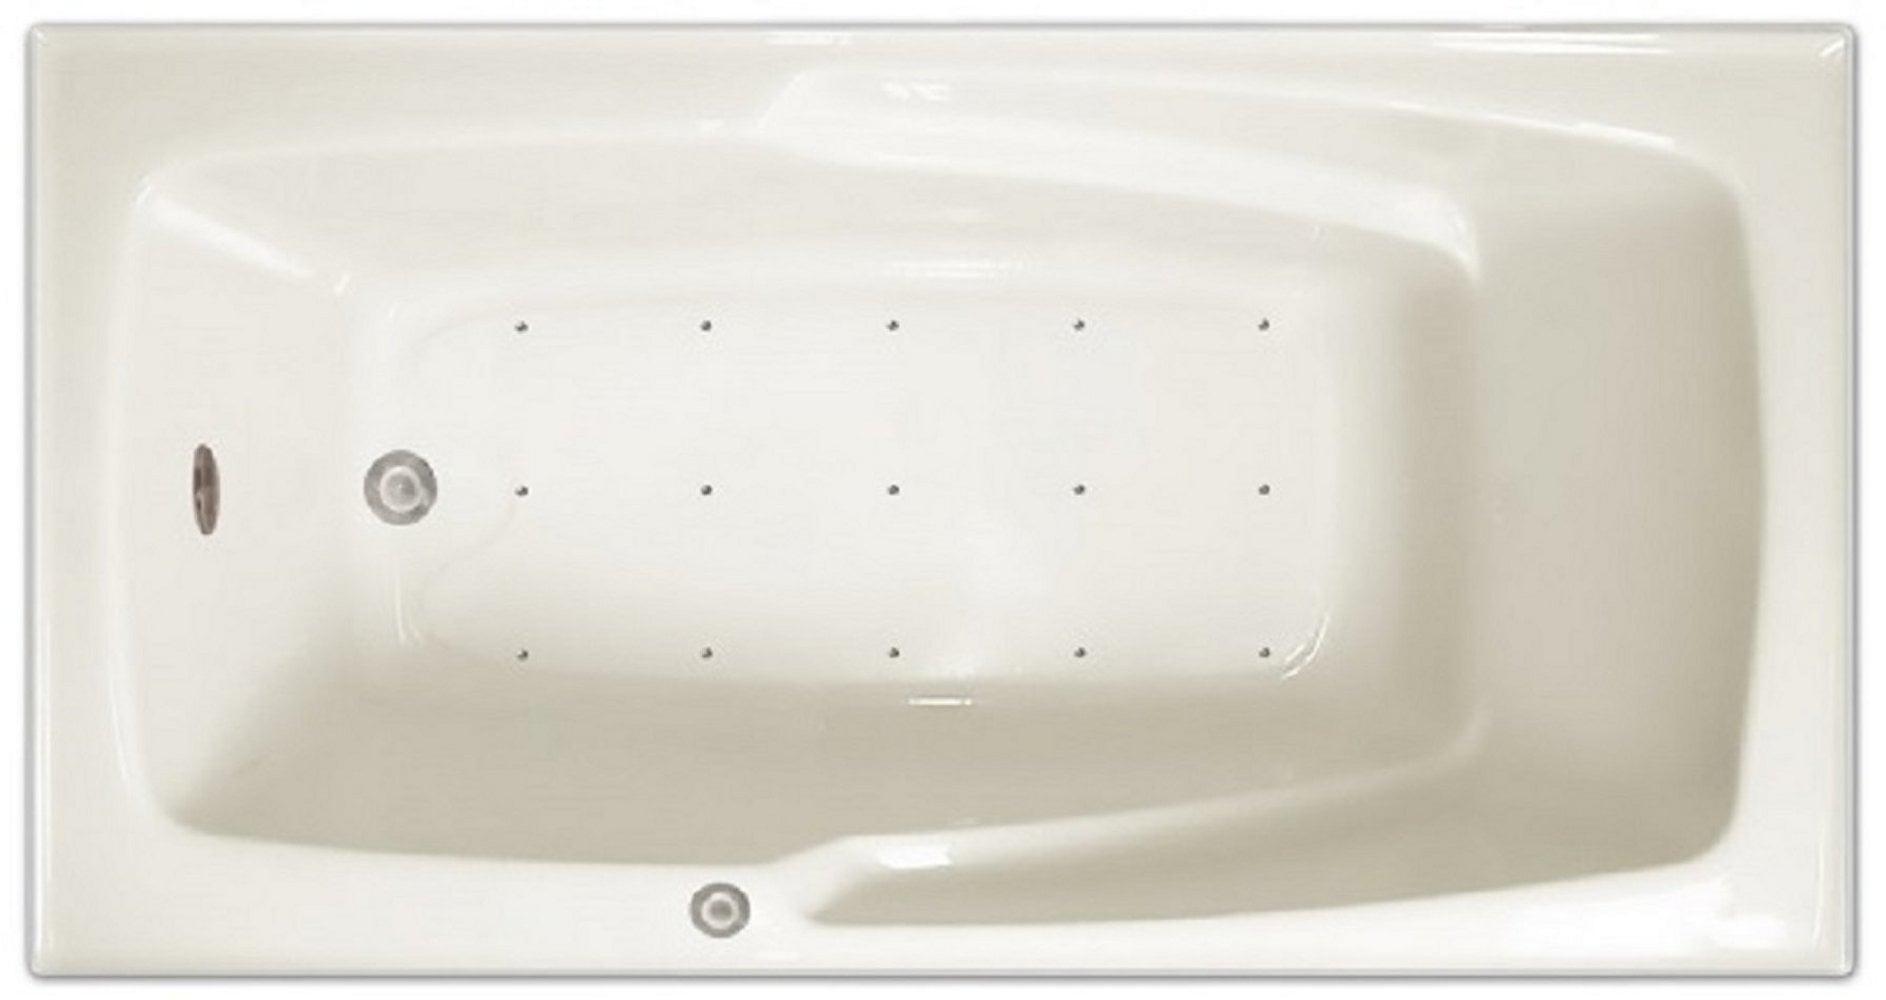 Drop-in Bathtub / 60x32x17.5 / high gloss white acrylic / Rectangle / LPI16-A-RD Pinnacle Bath - Air Bath 0